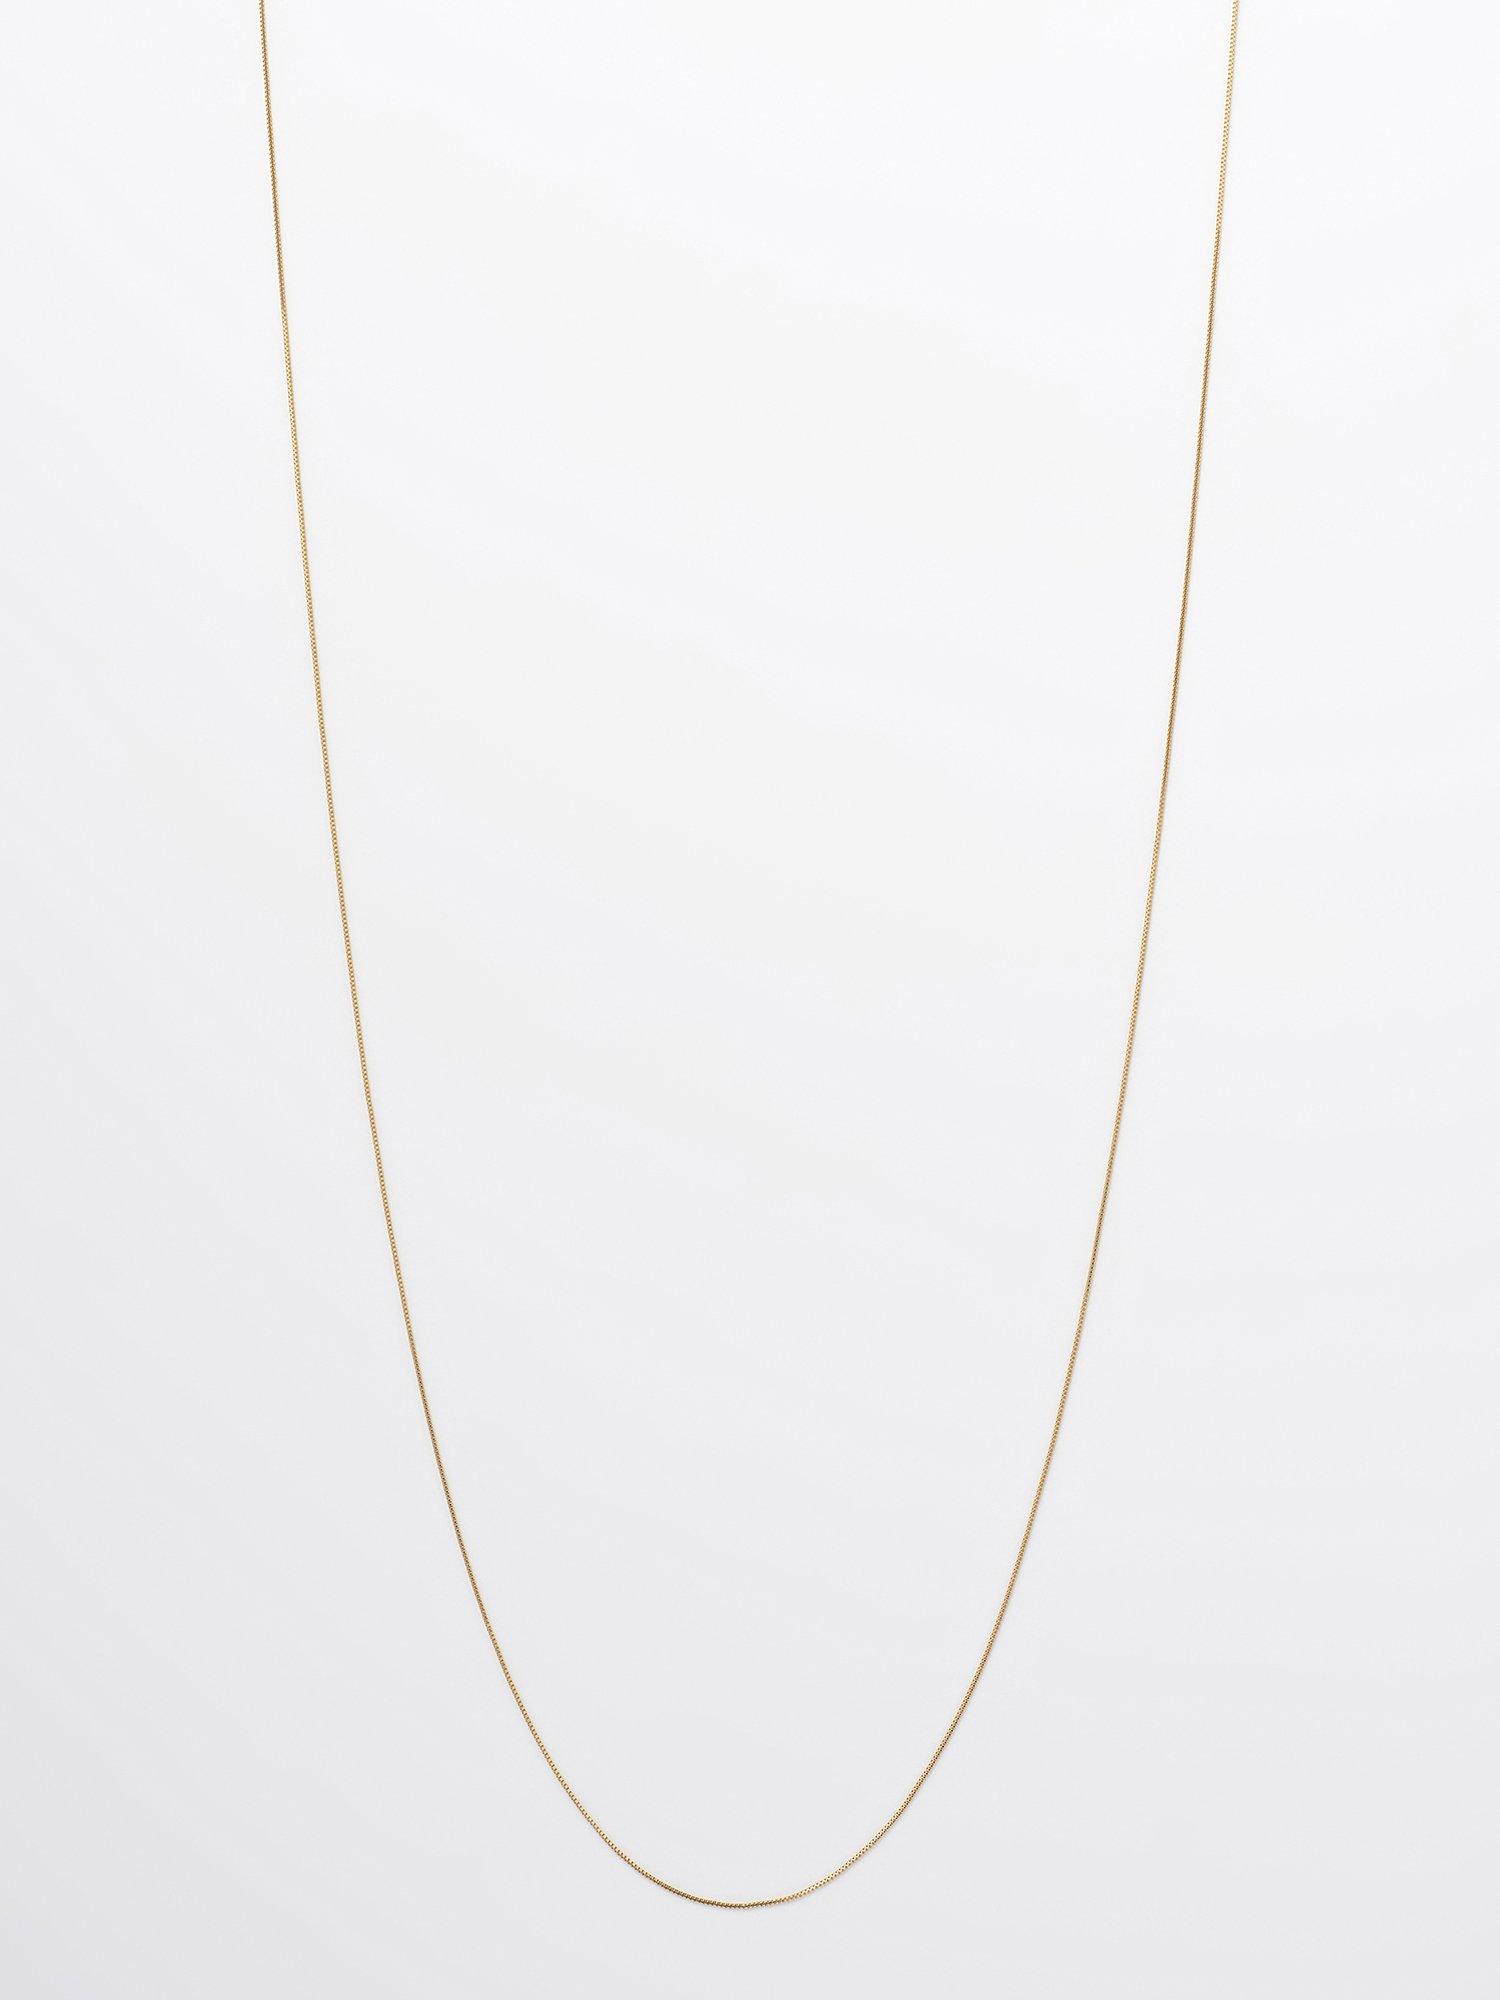 SOPHISTICATED VINTAGE / Gold line necklace / 950mm